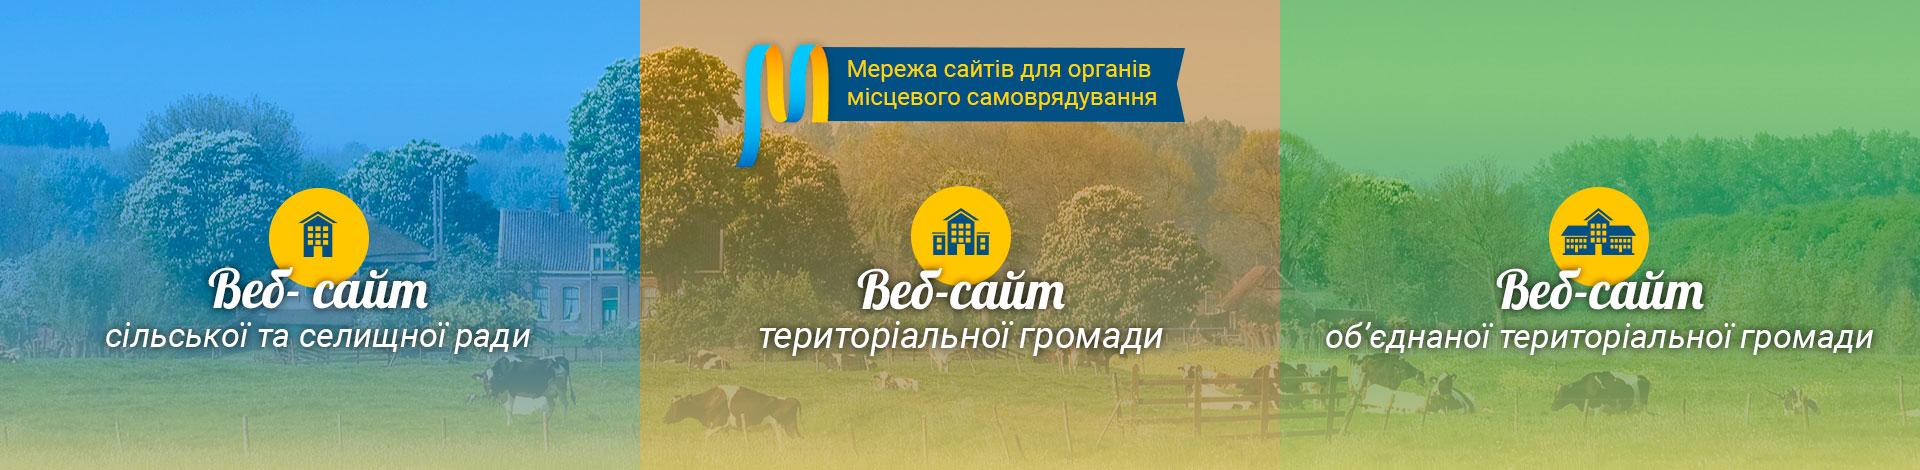 сайти органів місцевого самоврядування